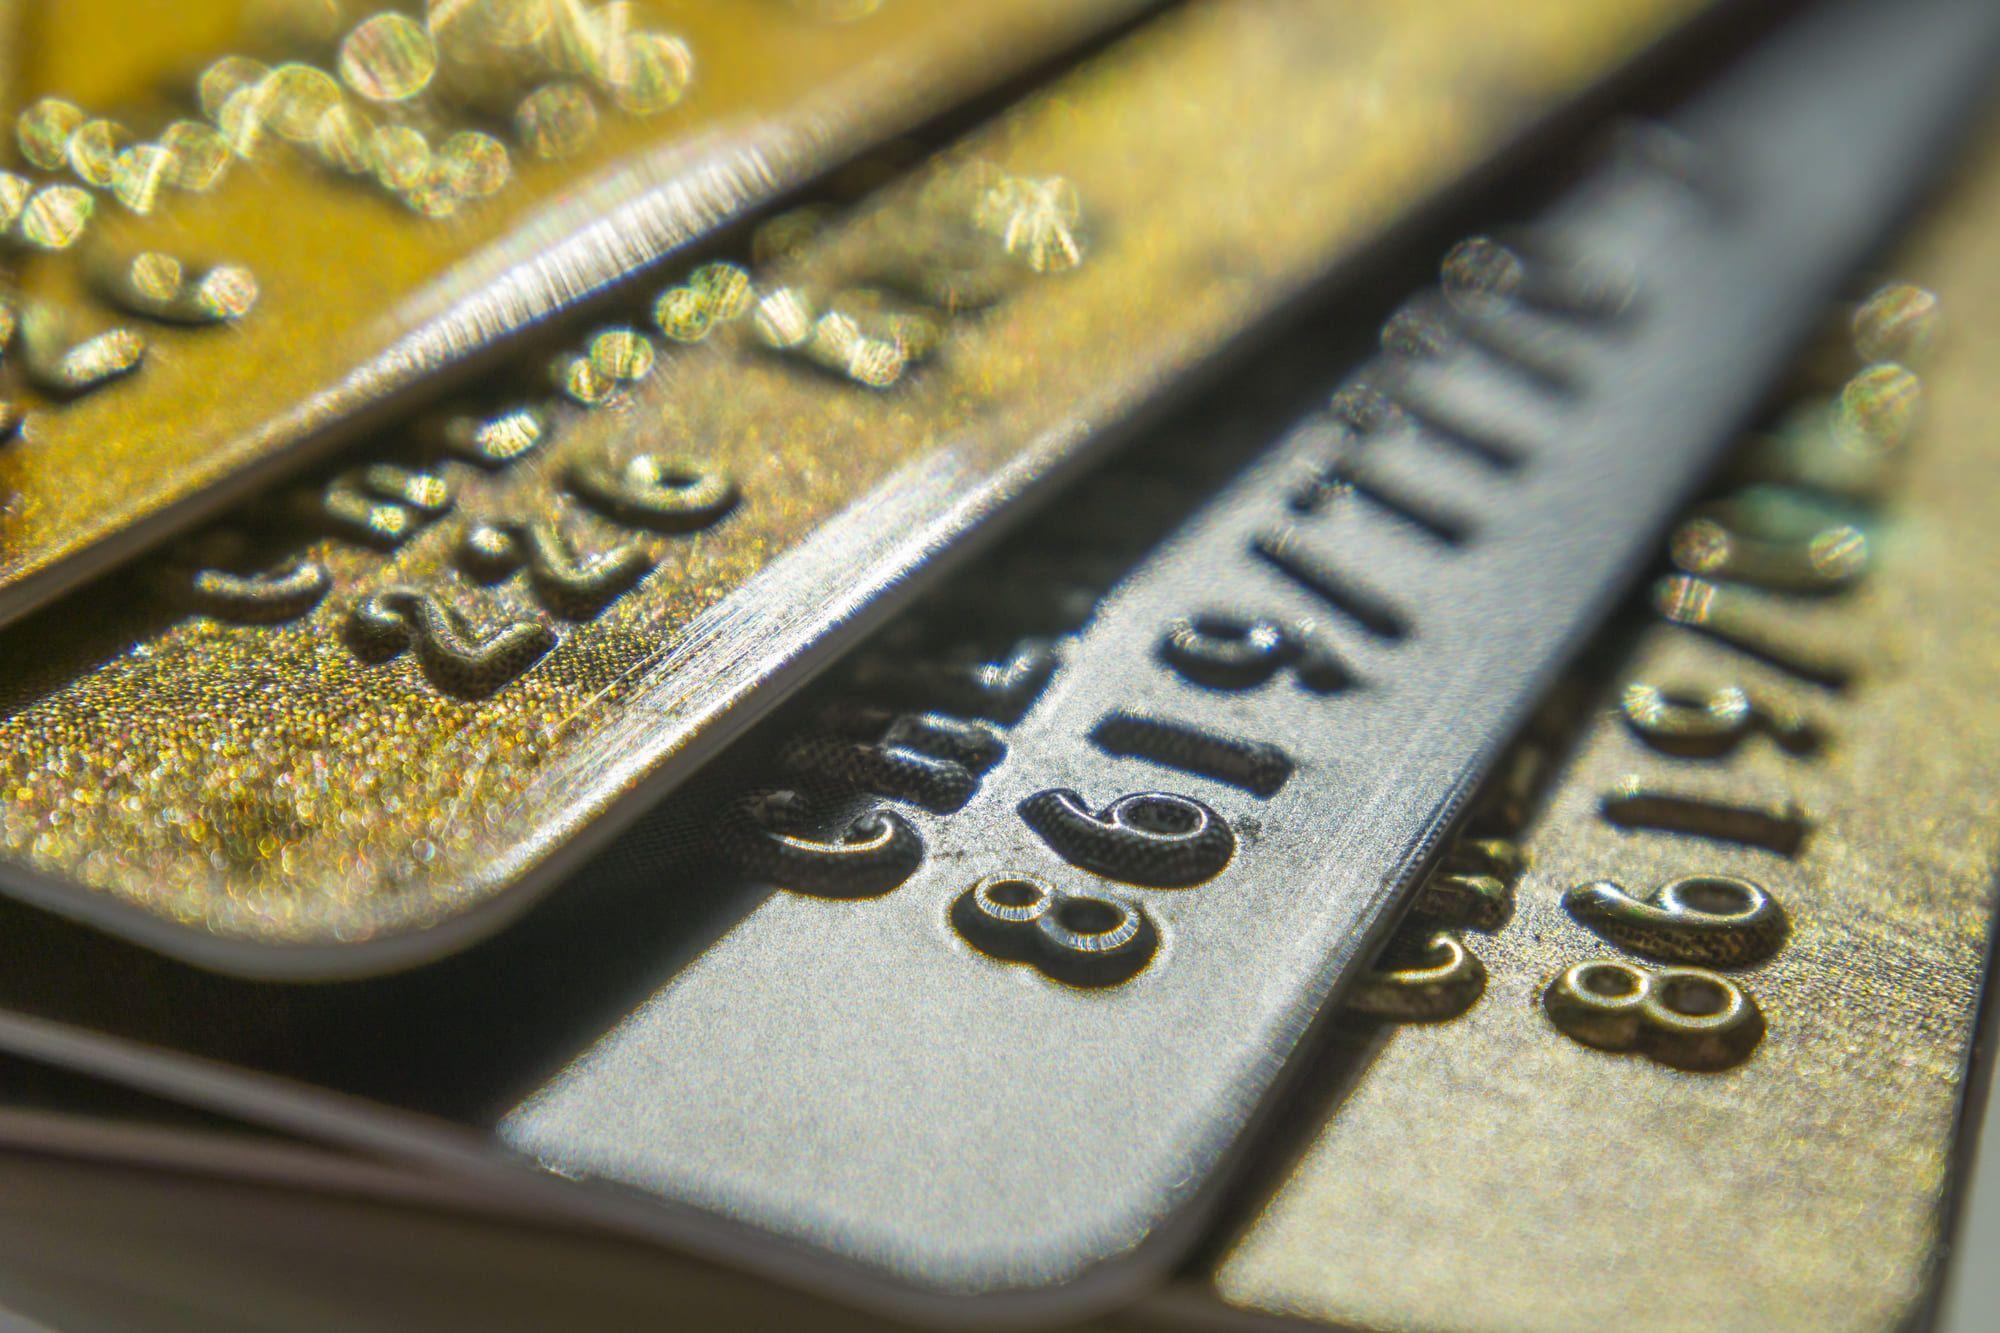 ステータス性の高い法人カードの特徴とは?オススメのカードをご紹介